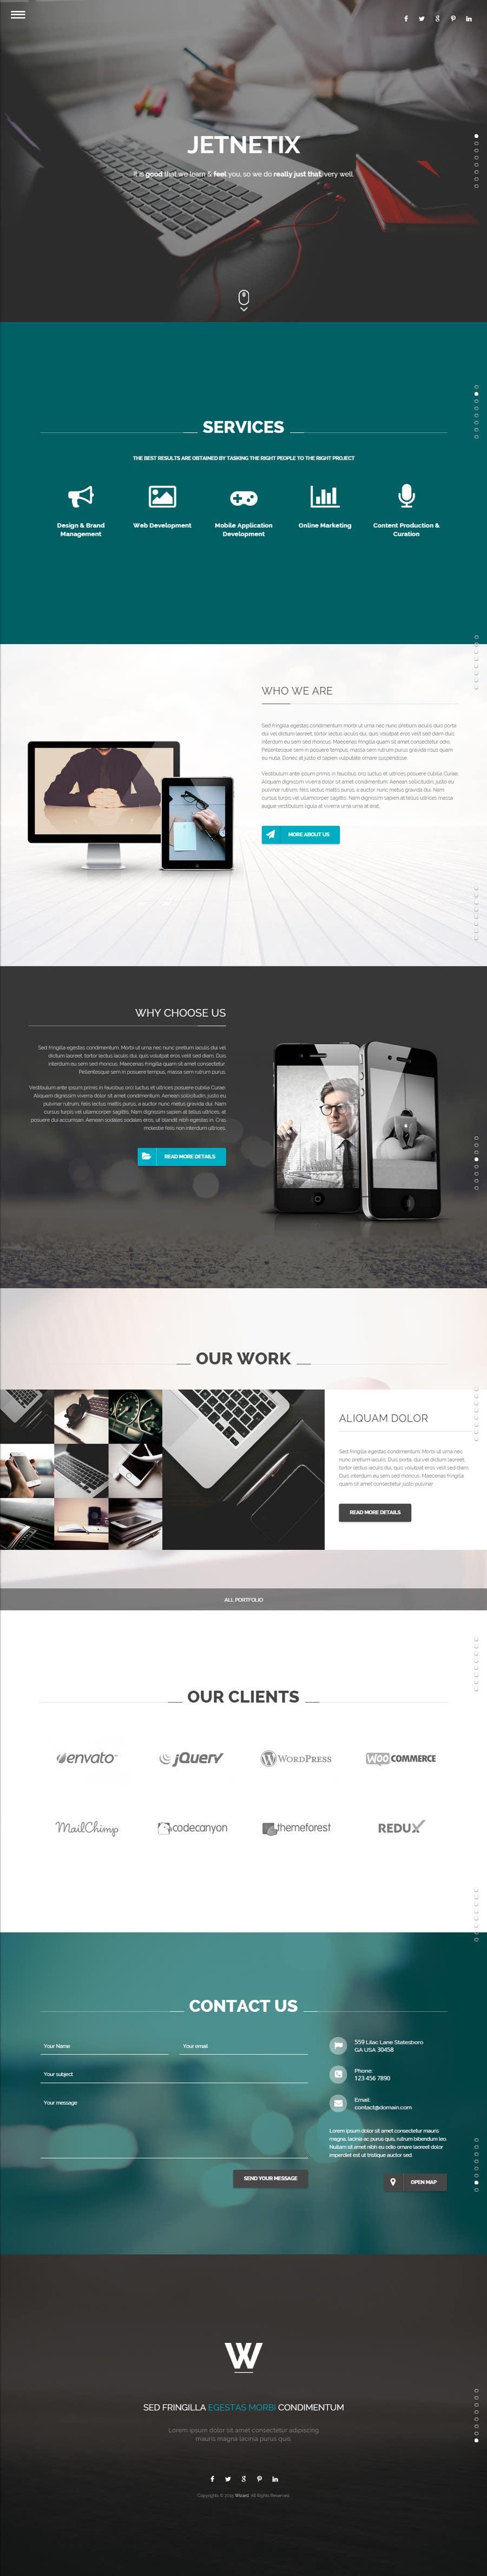 Konkurrenceindlæg #                                        5                                      for                                         Build a Website for Website/Graphic Design Agency